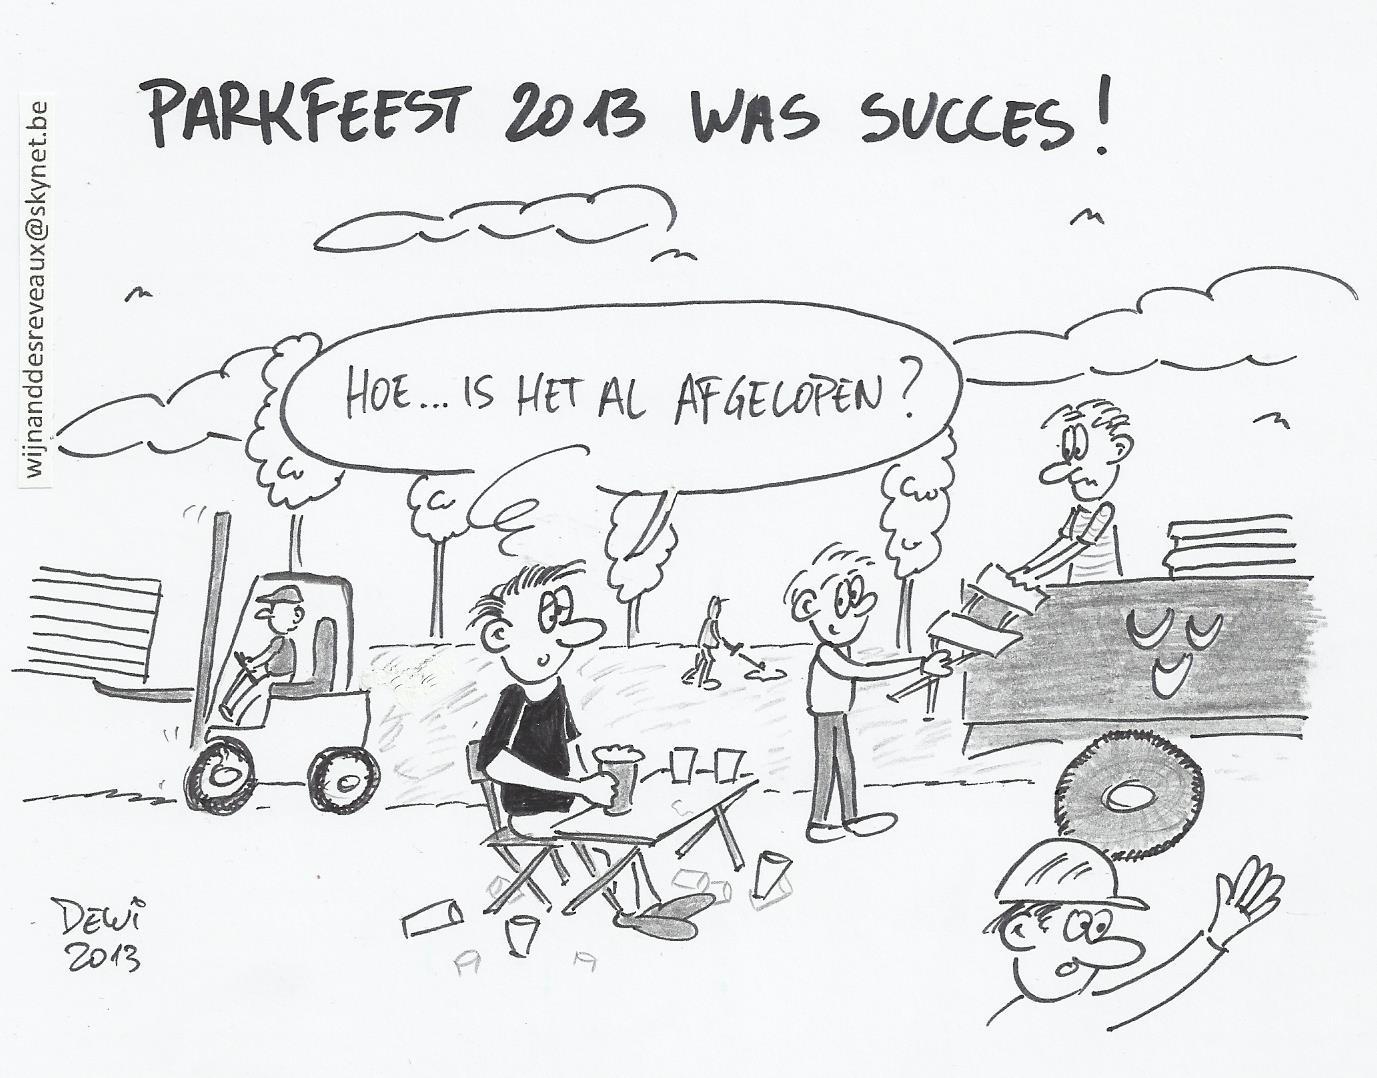 Opgetekend: en zo werd het toch nog een goed Parkfeest